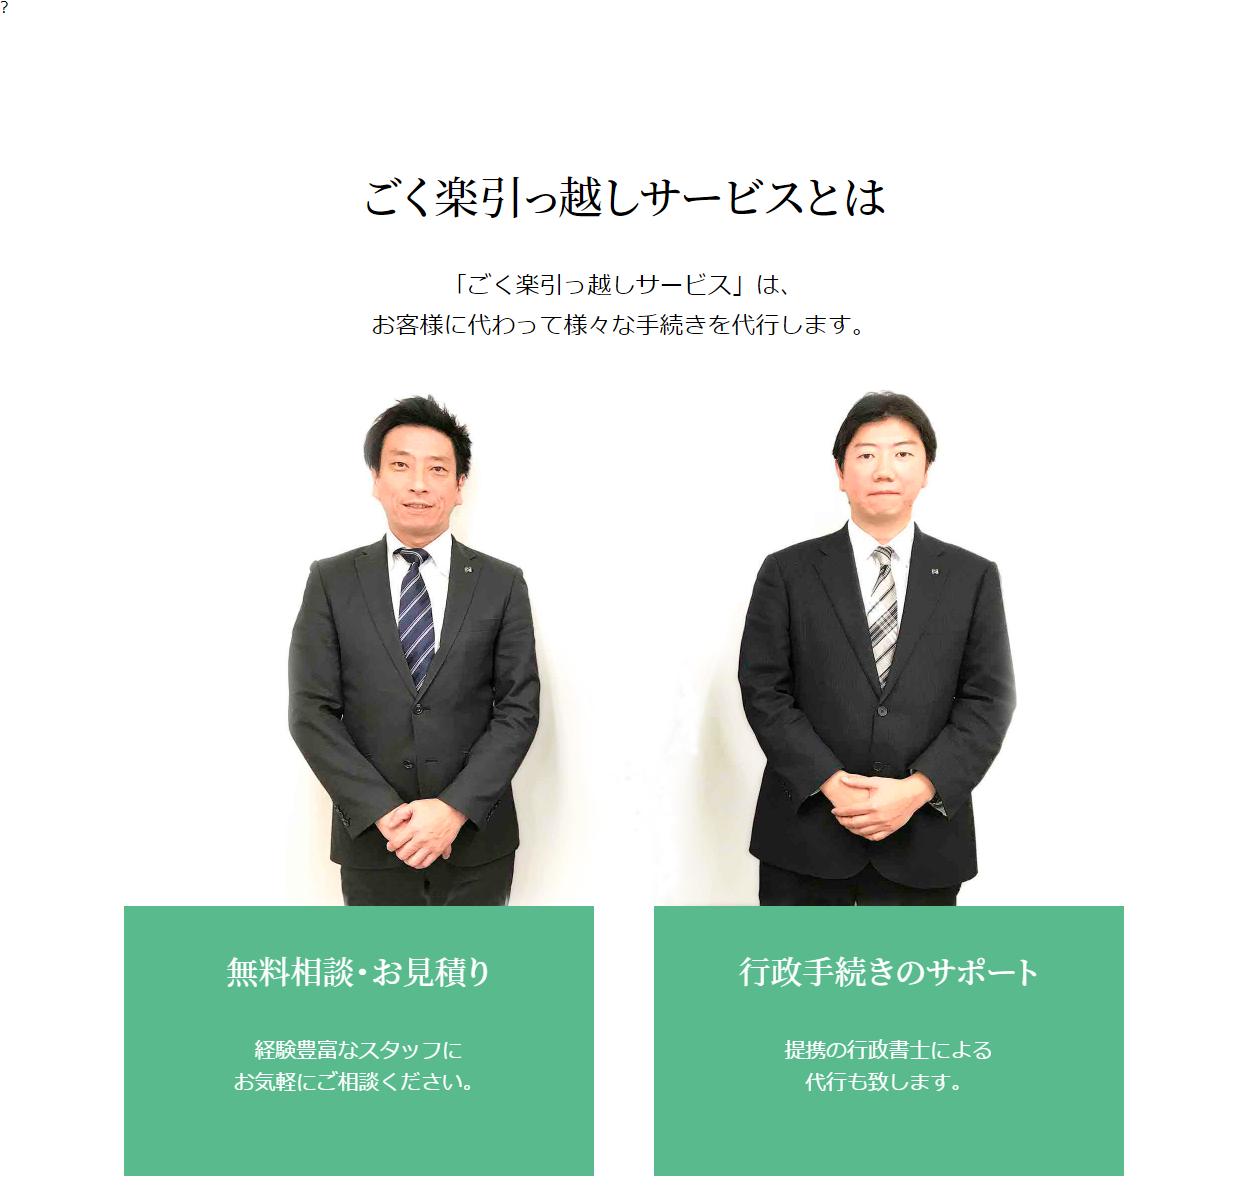 """<span class=""""title"""">ごく楽引っ越しサービスの口コミや評判</span>"""